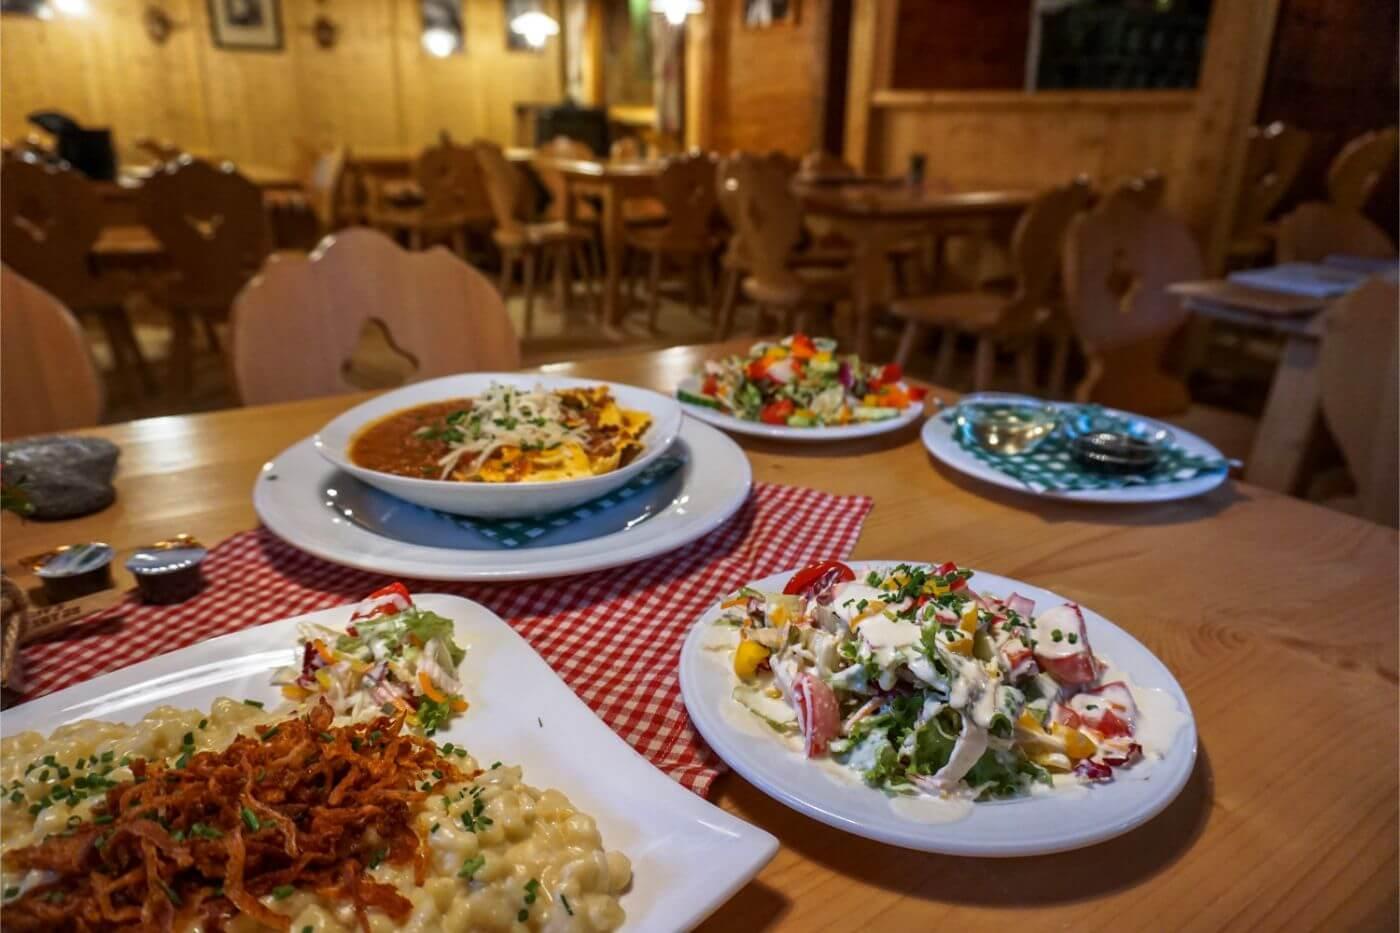 Grüne Wand Hütte Austrian meal, Stilluptal, Austria - Mayrhofen in Summer